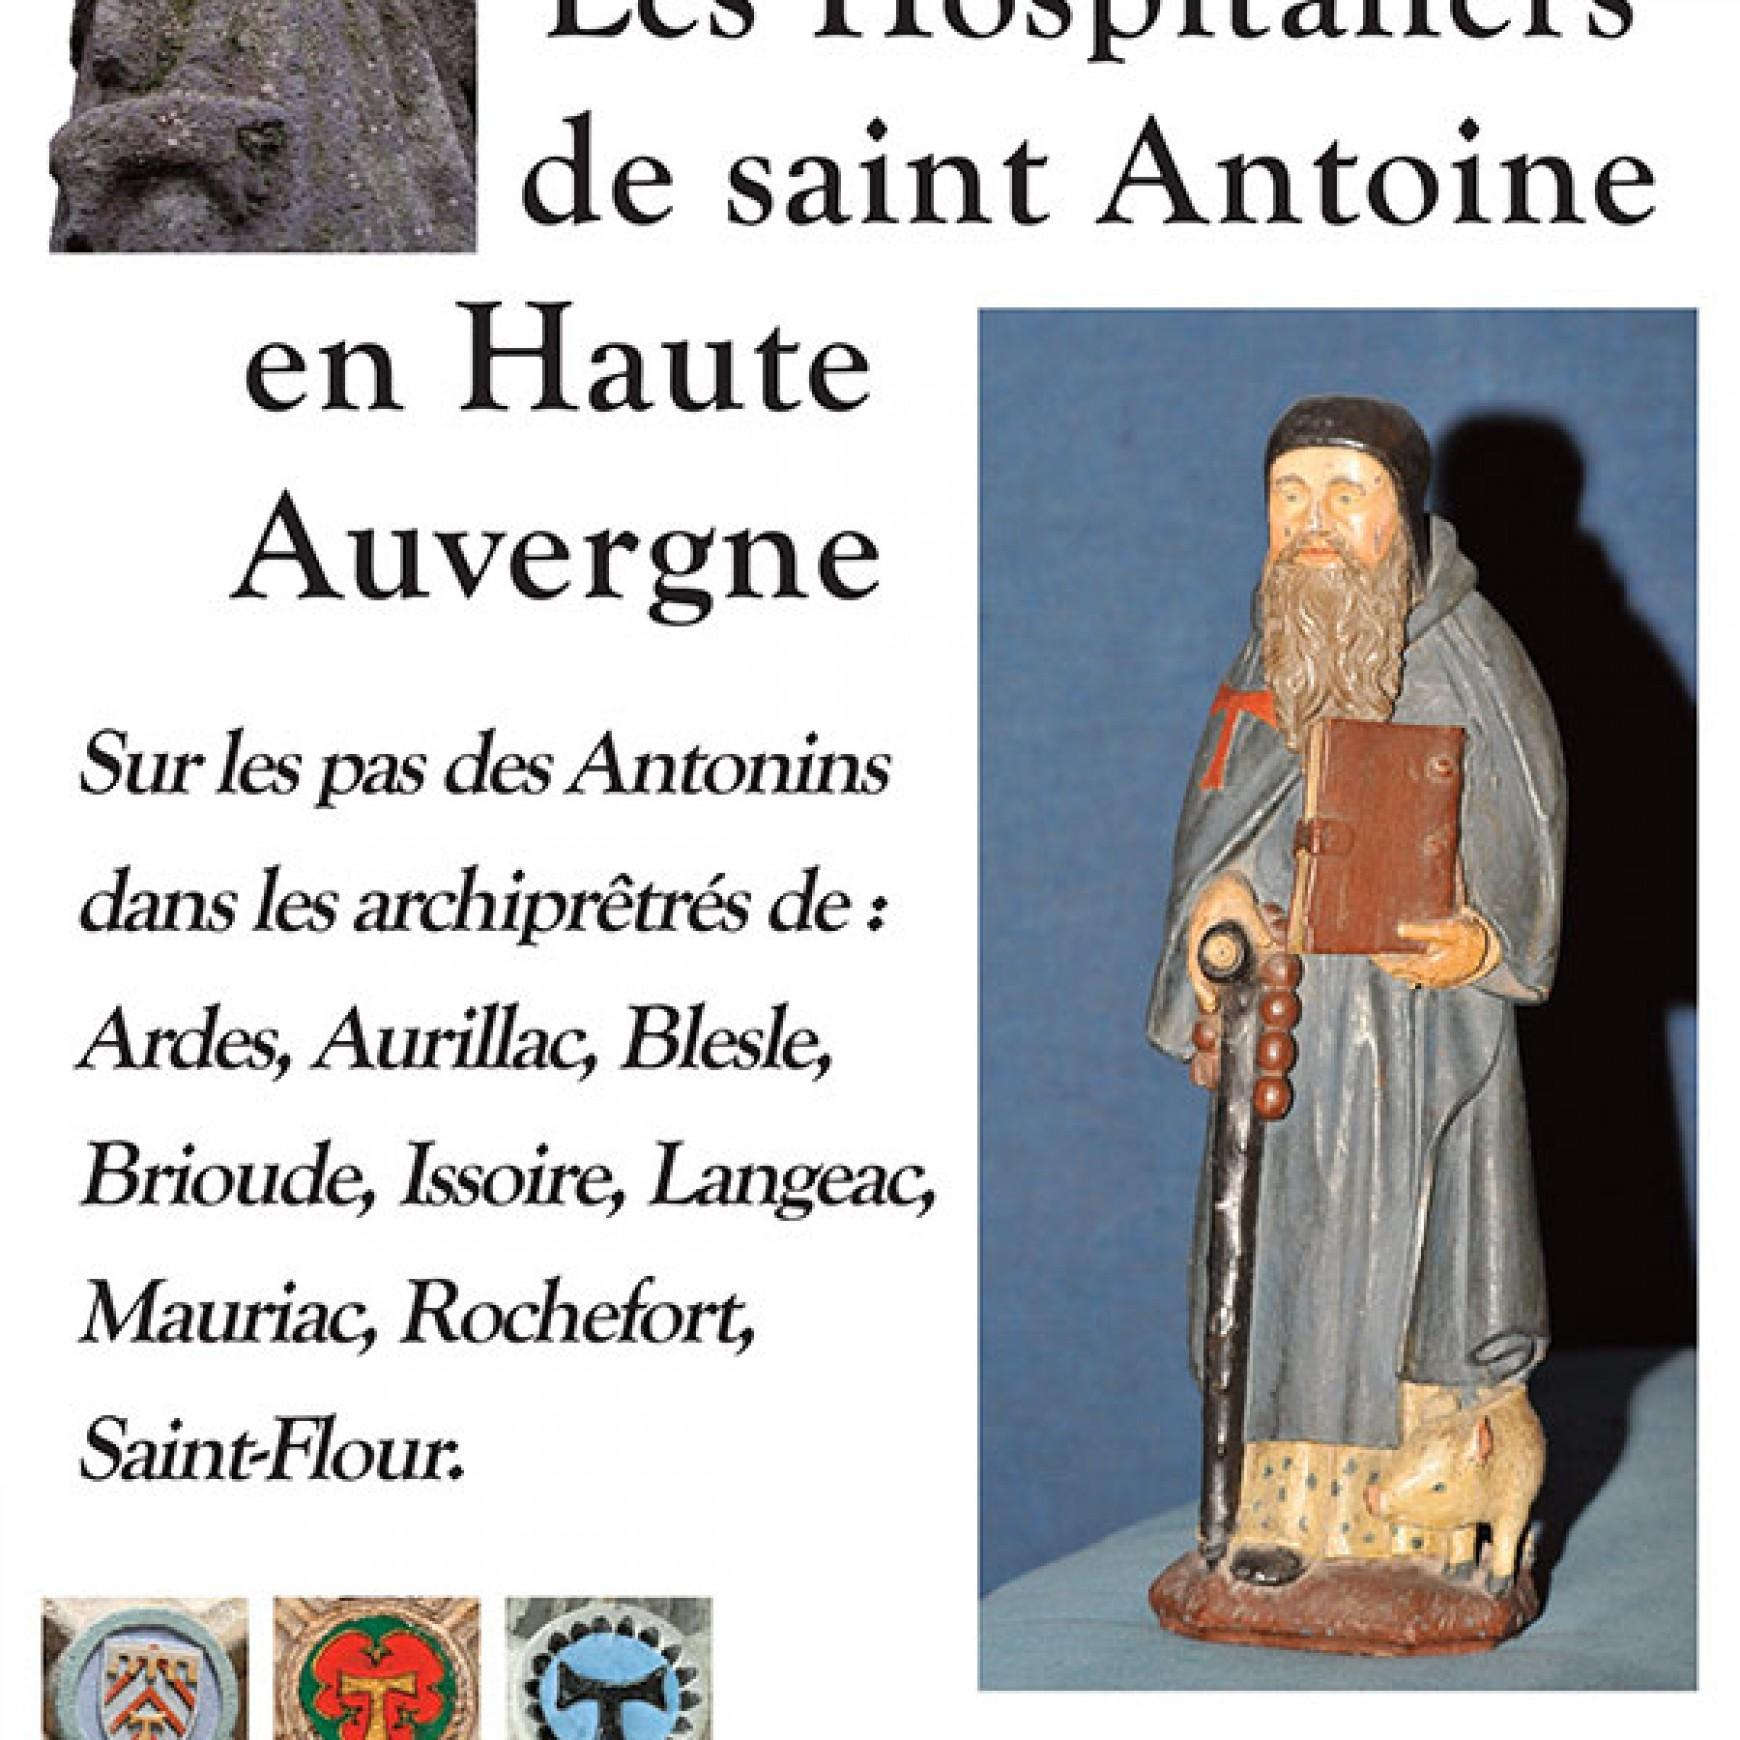 les Hospitaliers de Saint Antoine en Haute Auvergne